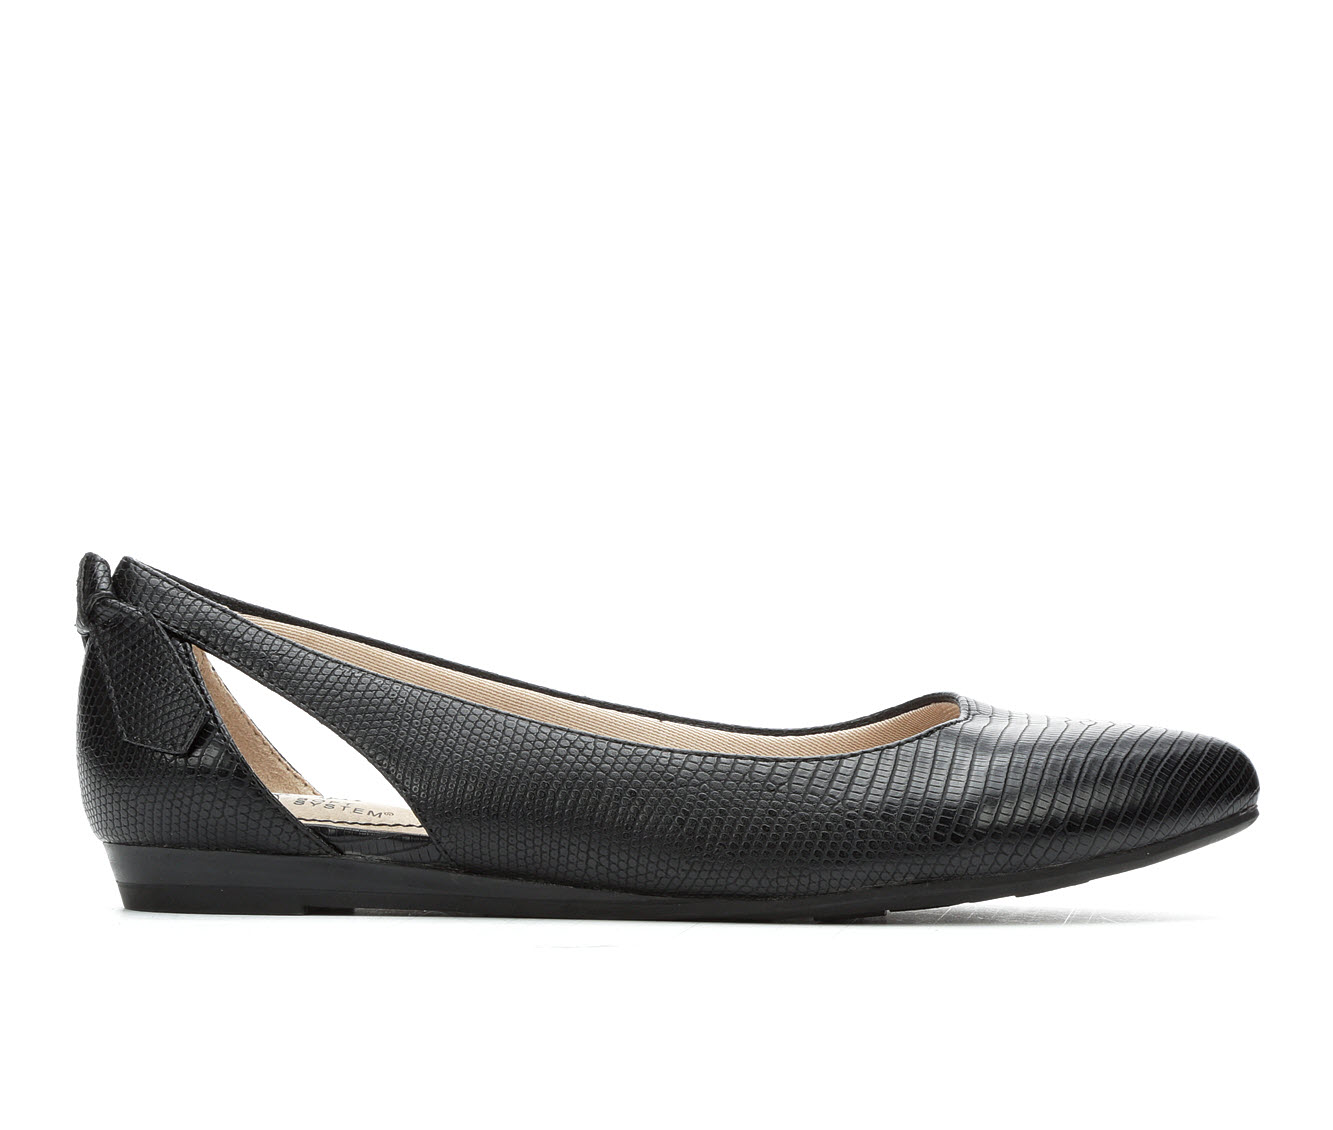 LifeStride Quicken Women's Shoe (Black Leather)